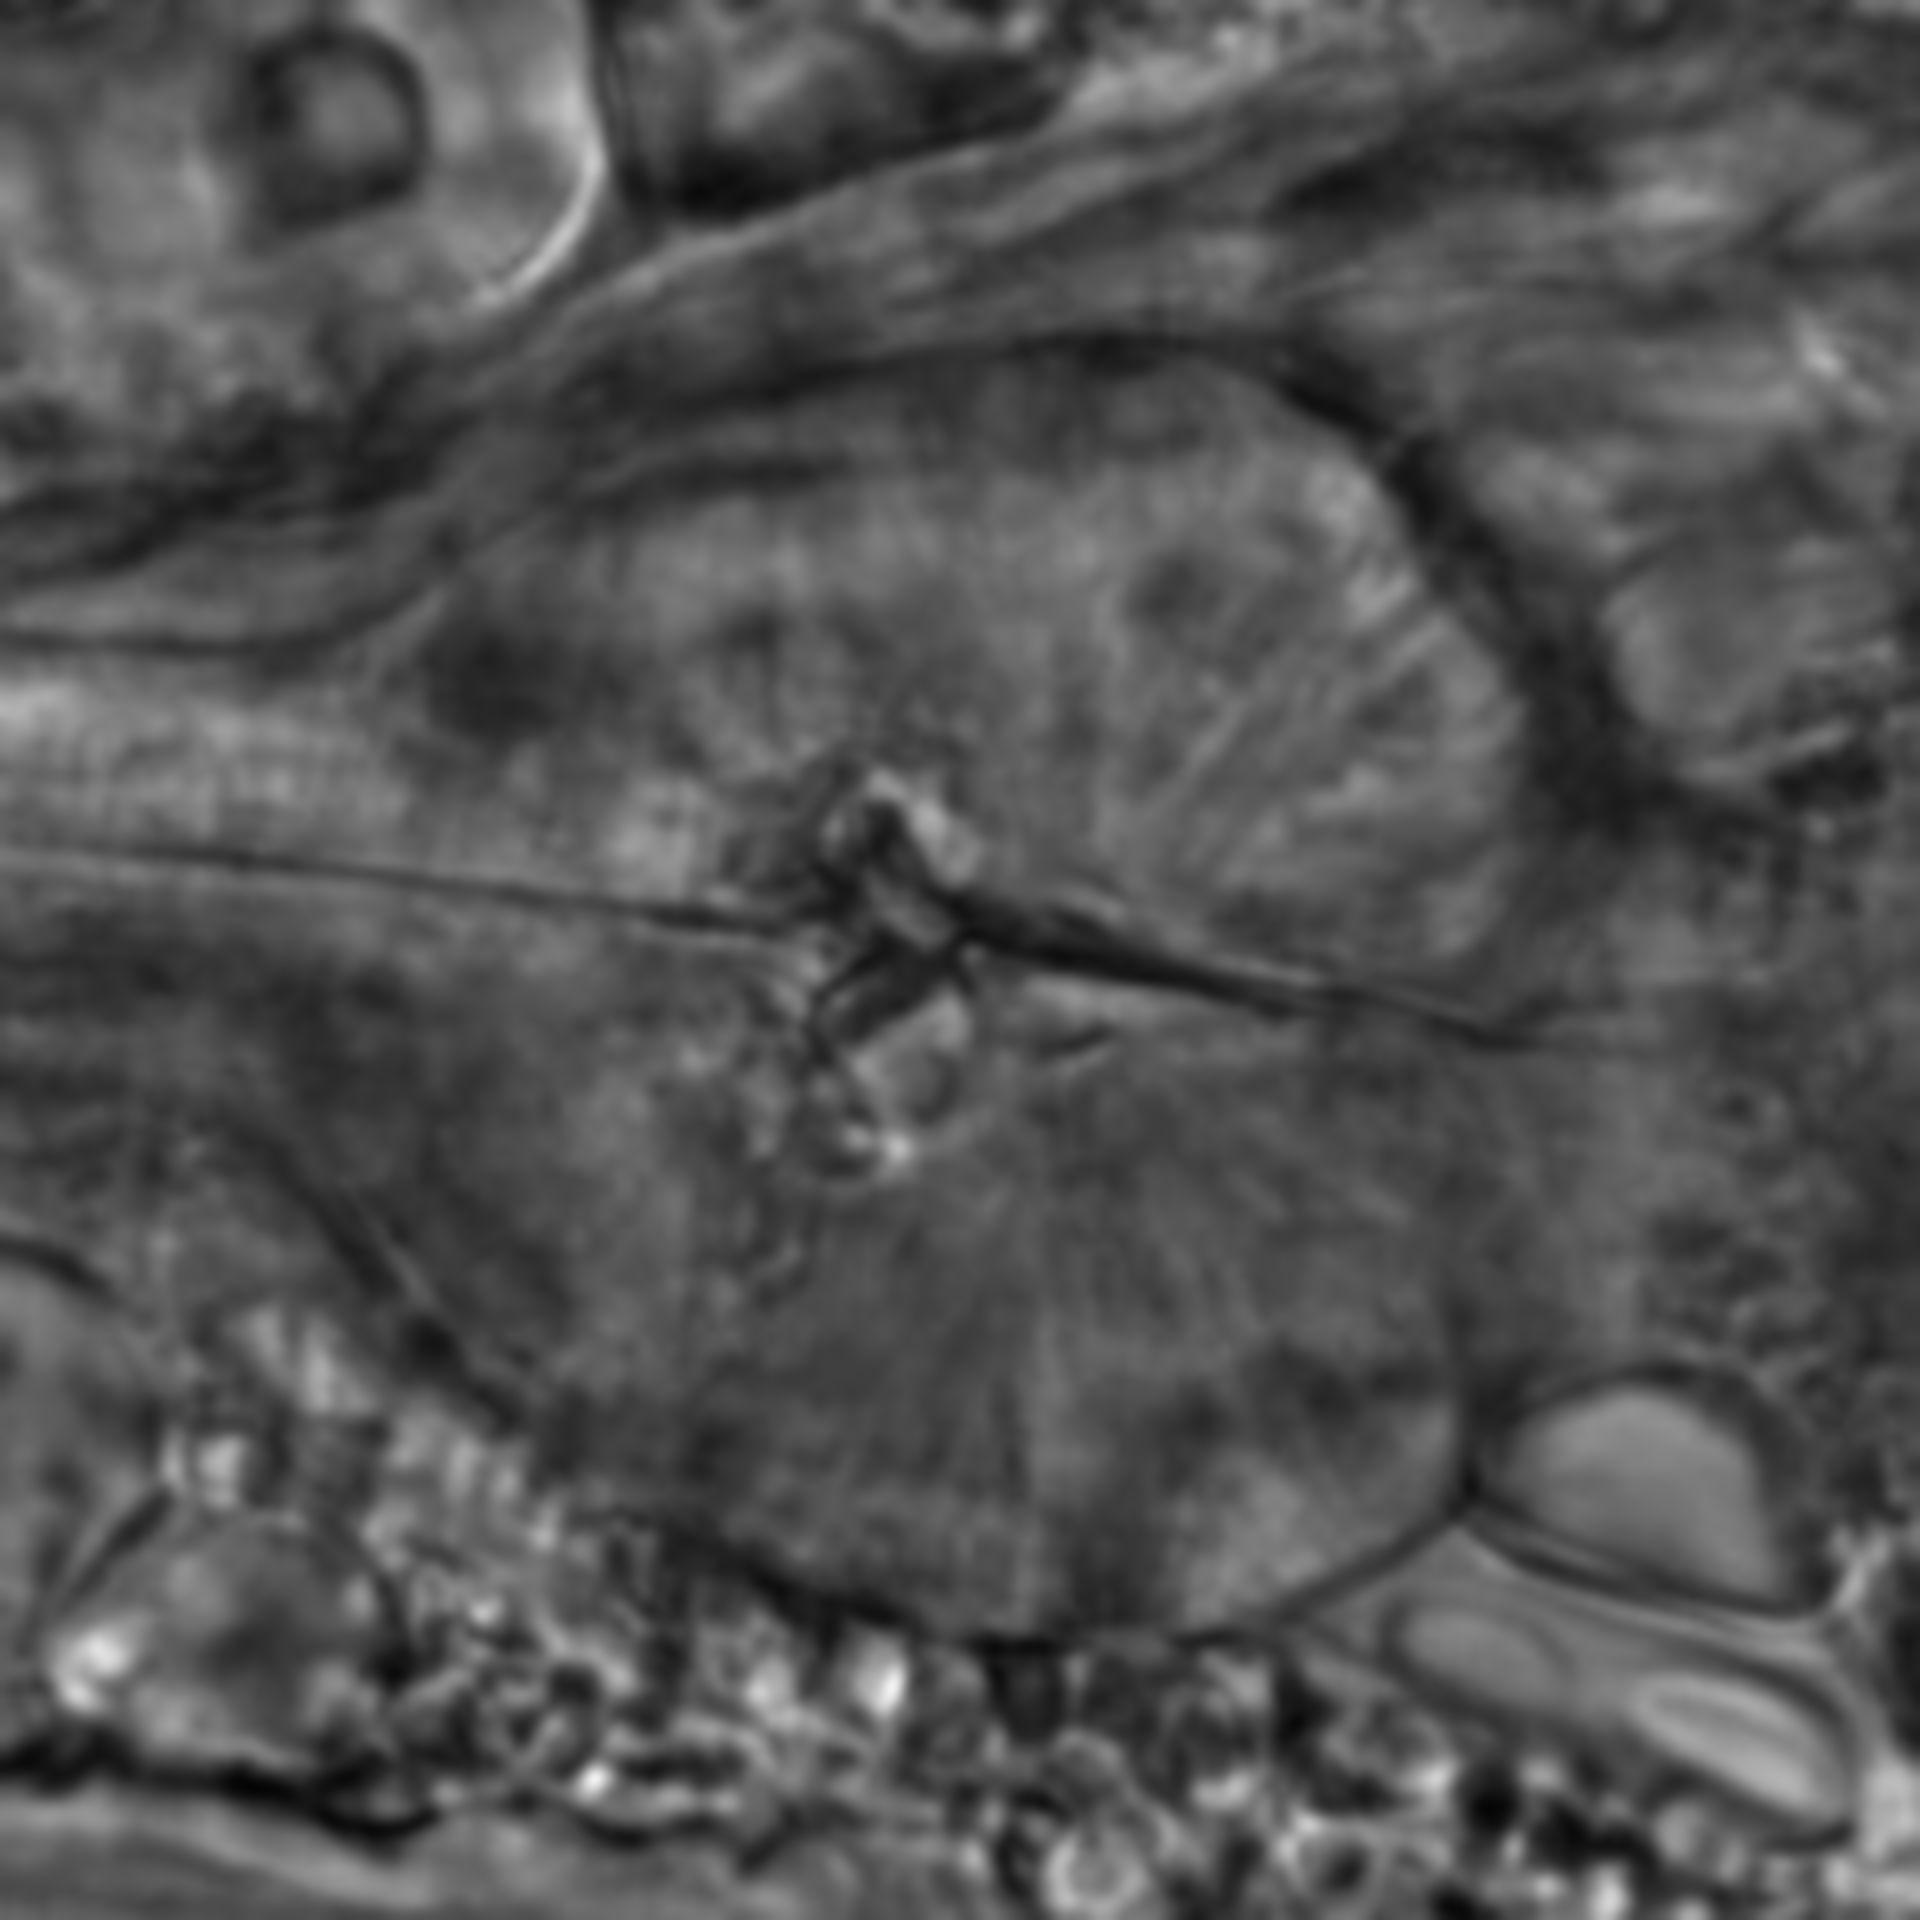 Caenorhabditis elegans - CIL:1772